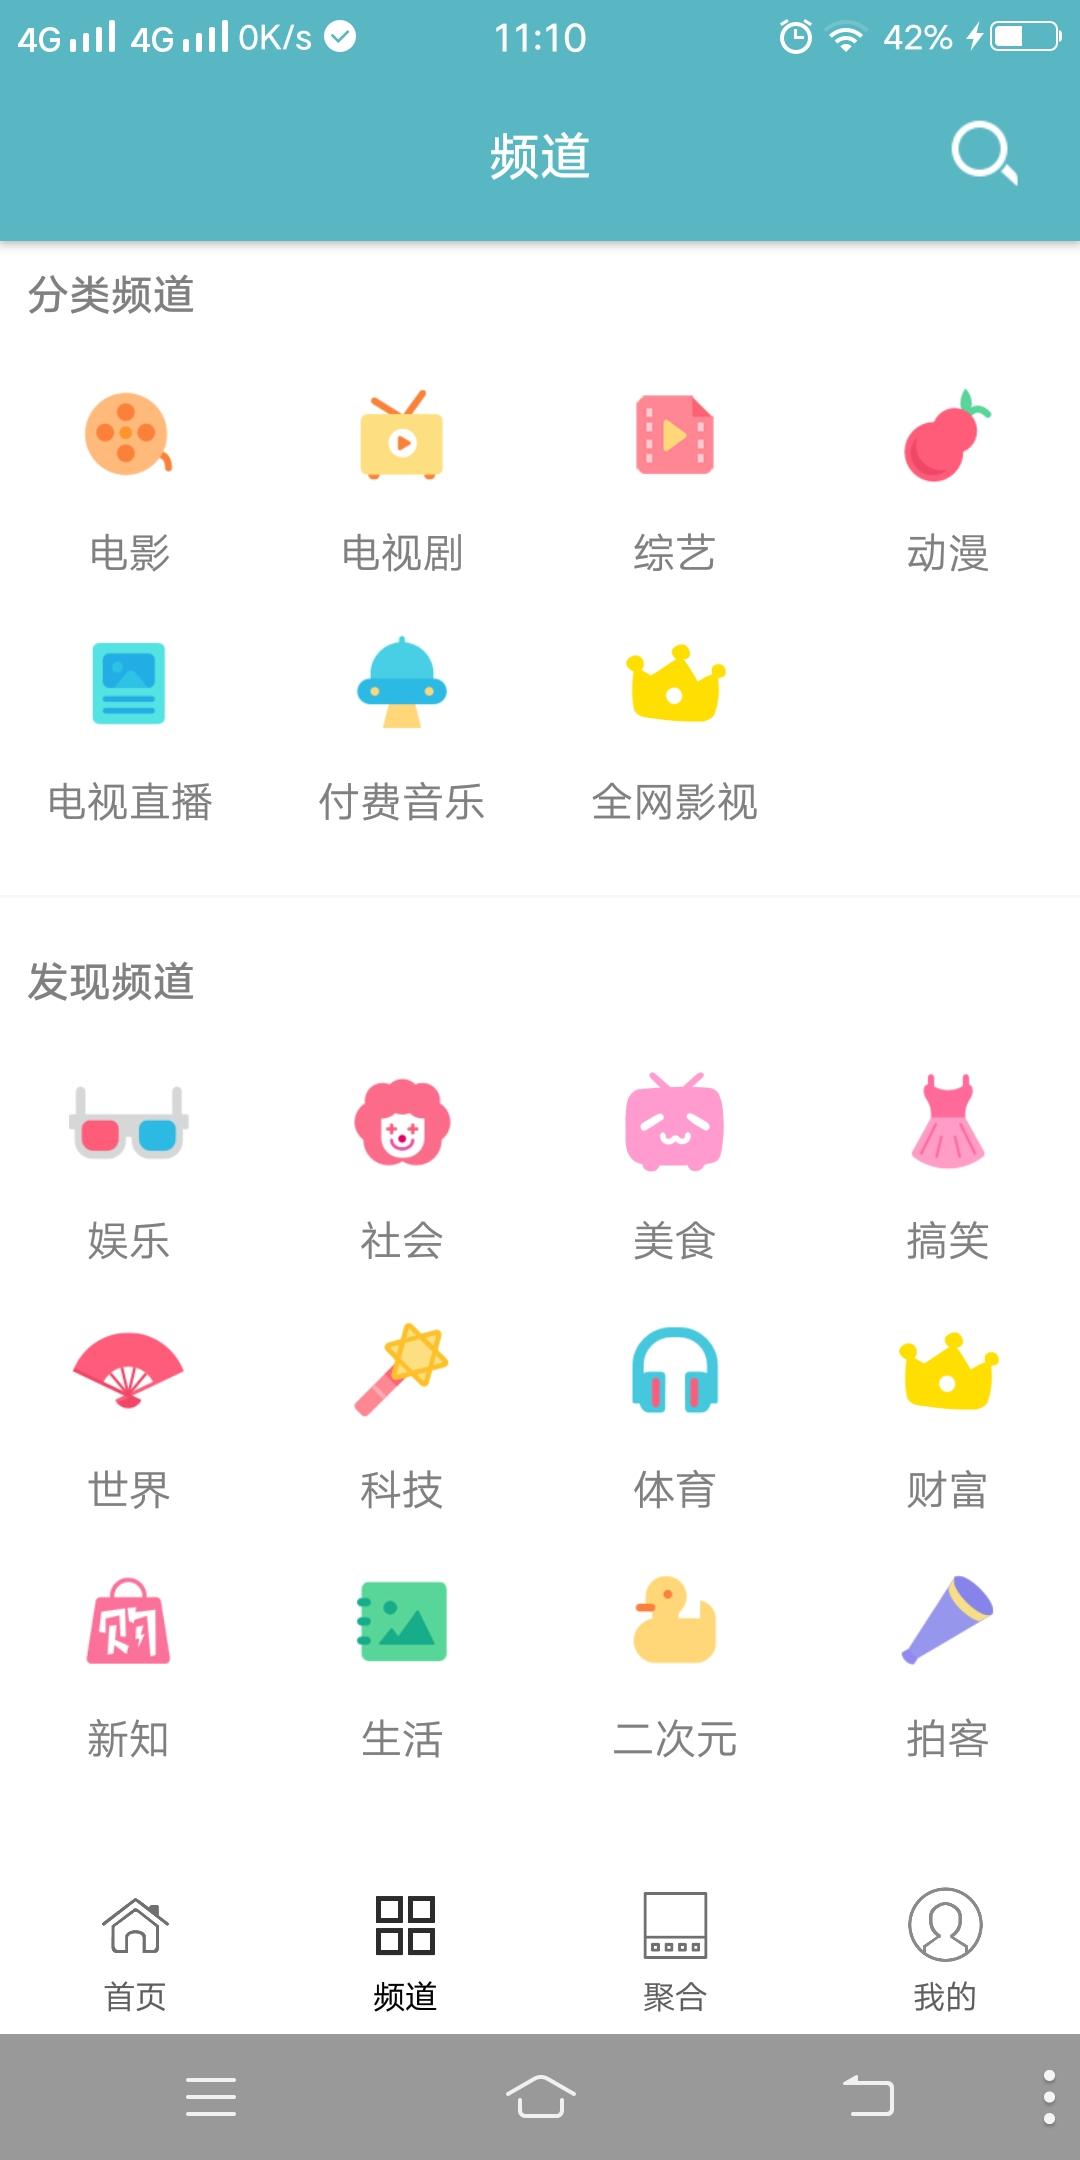 Screenshot_20190304_111032.jpg